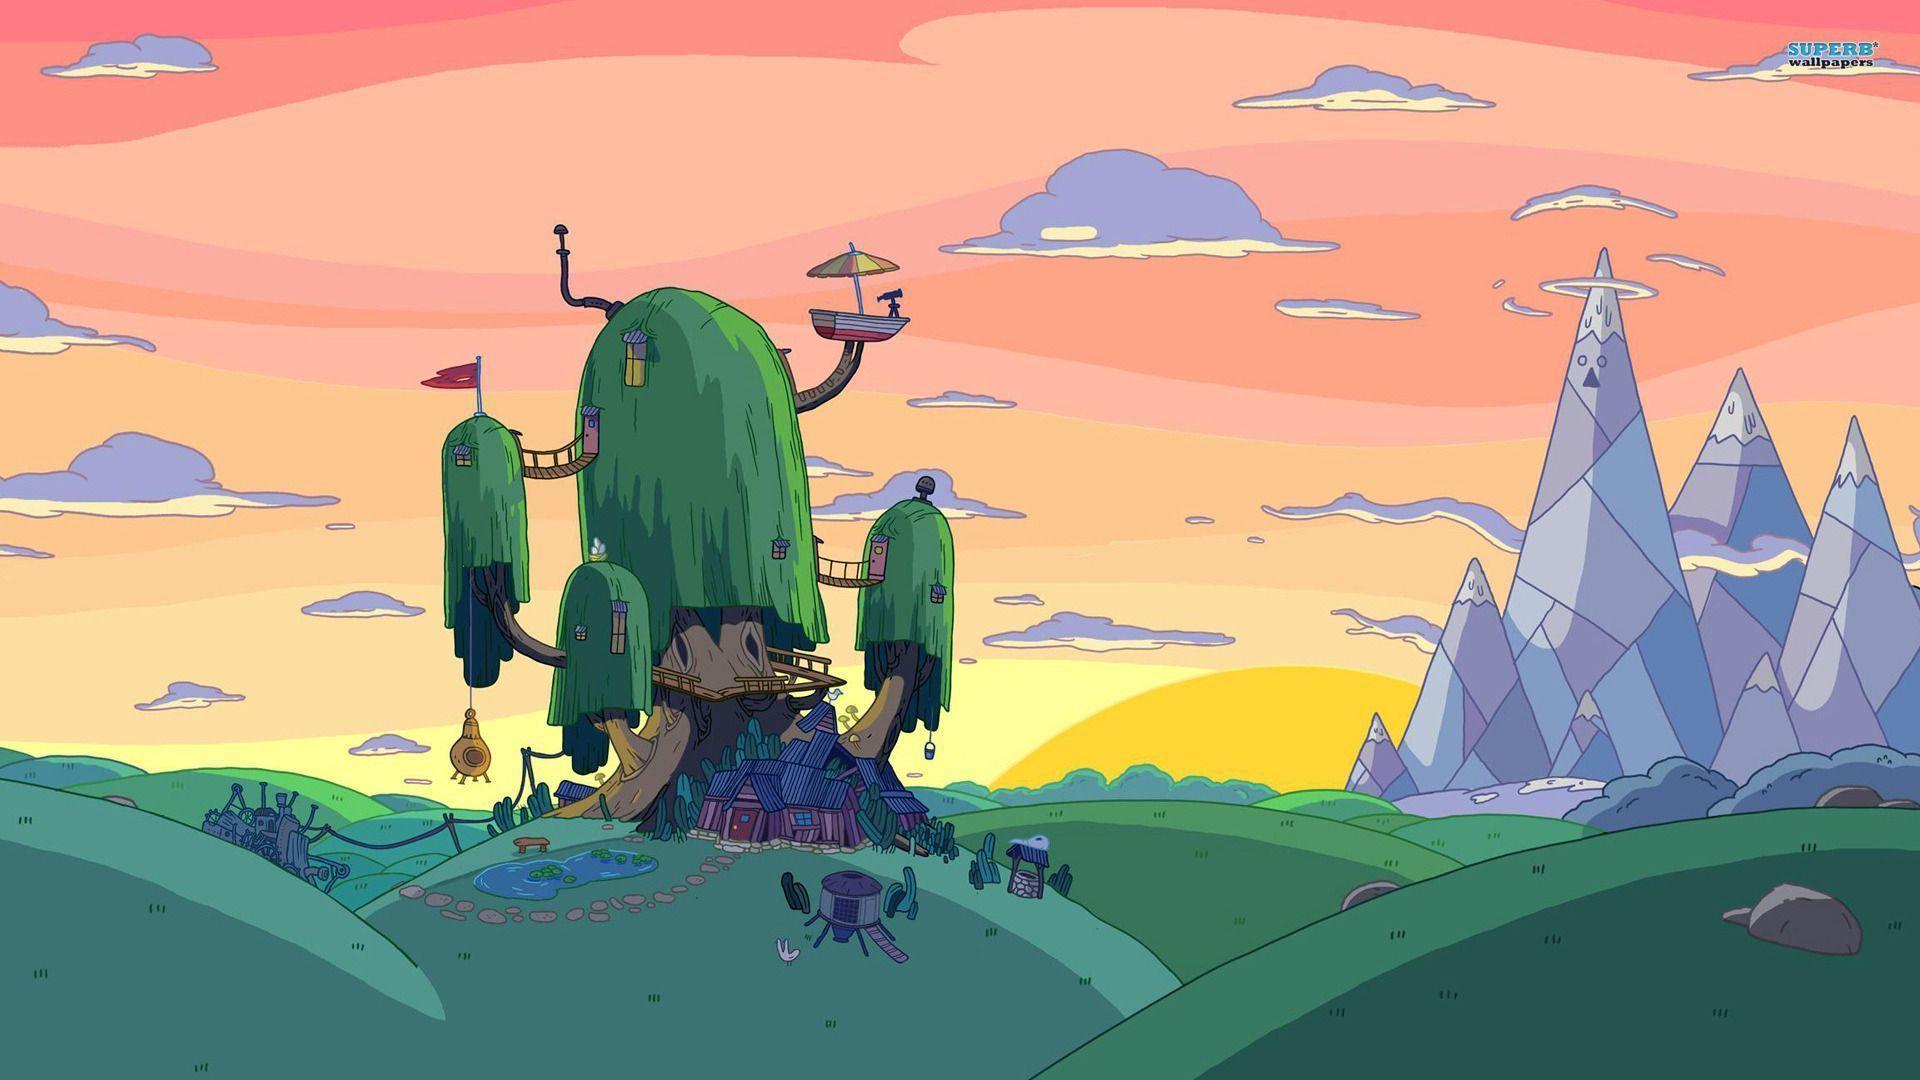 Adventure Time Wallpaper Hd 1920x1080 - Zendha